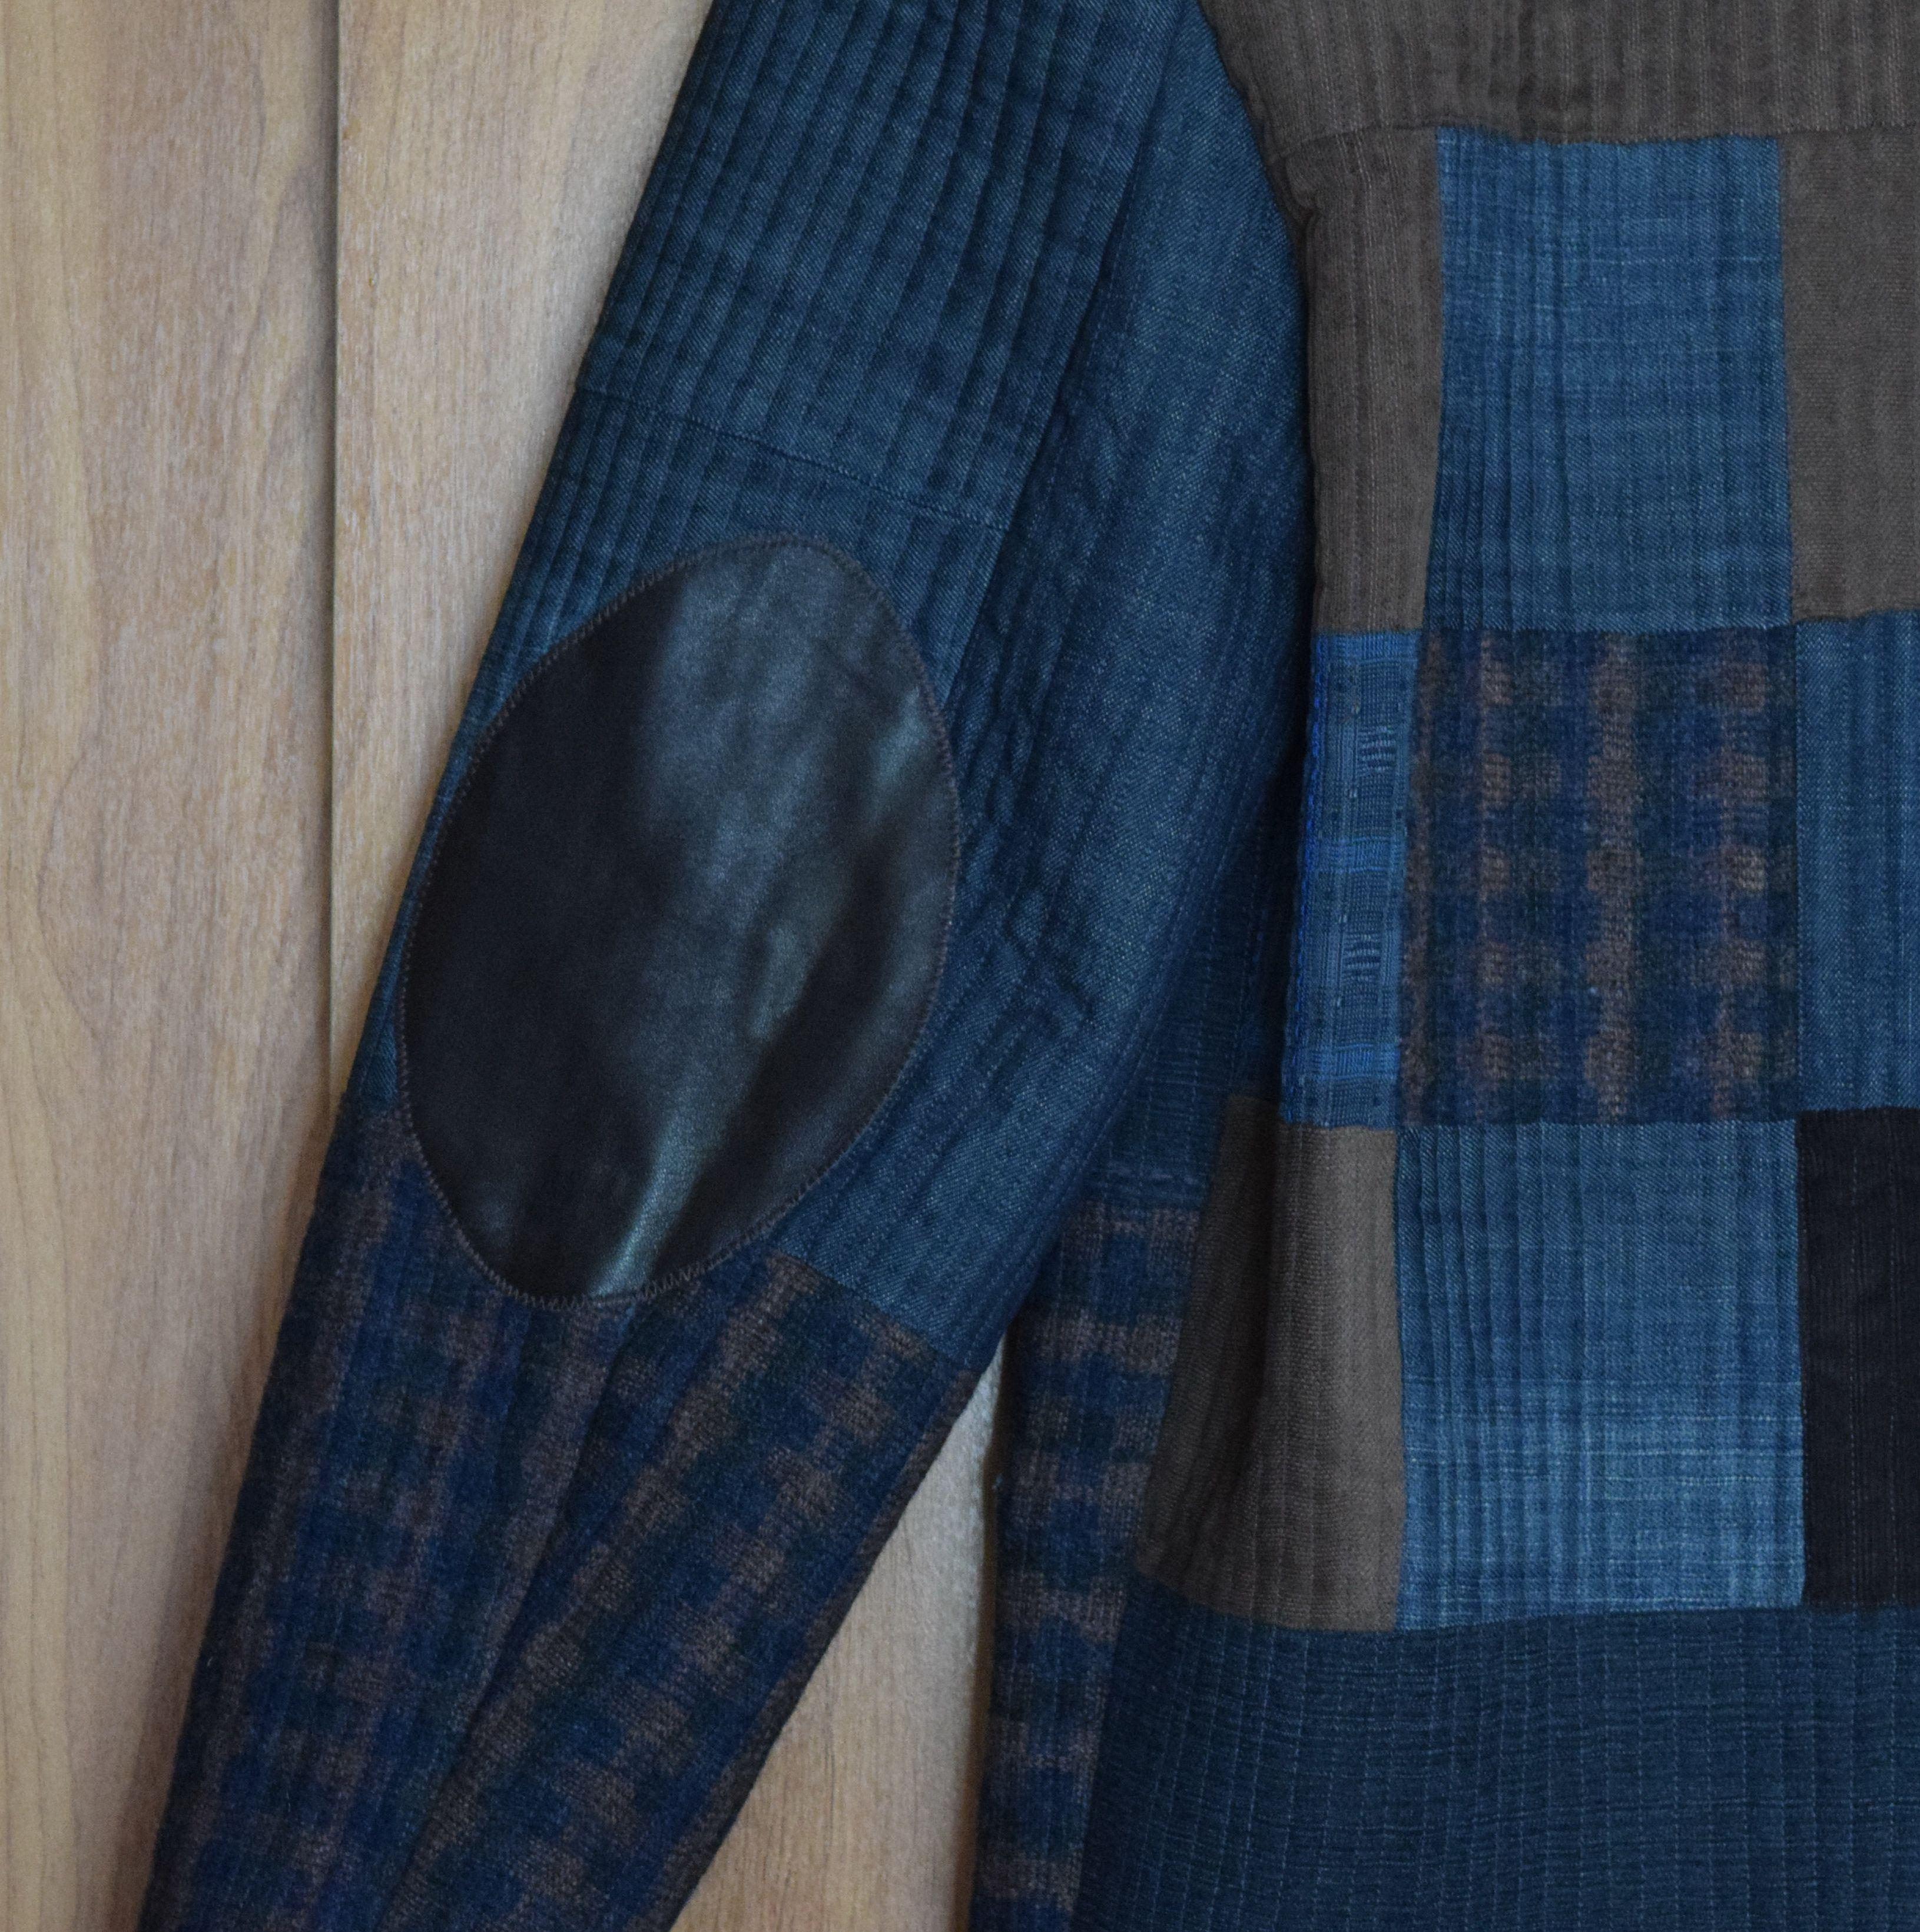 мужчинам мода кожа джинс кэжуал пиджак стиль креатив hendmade купить одежда своимируками